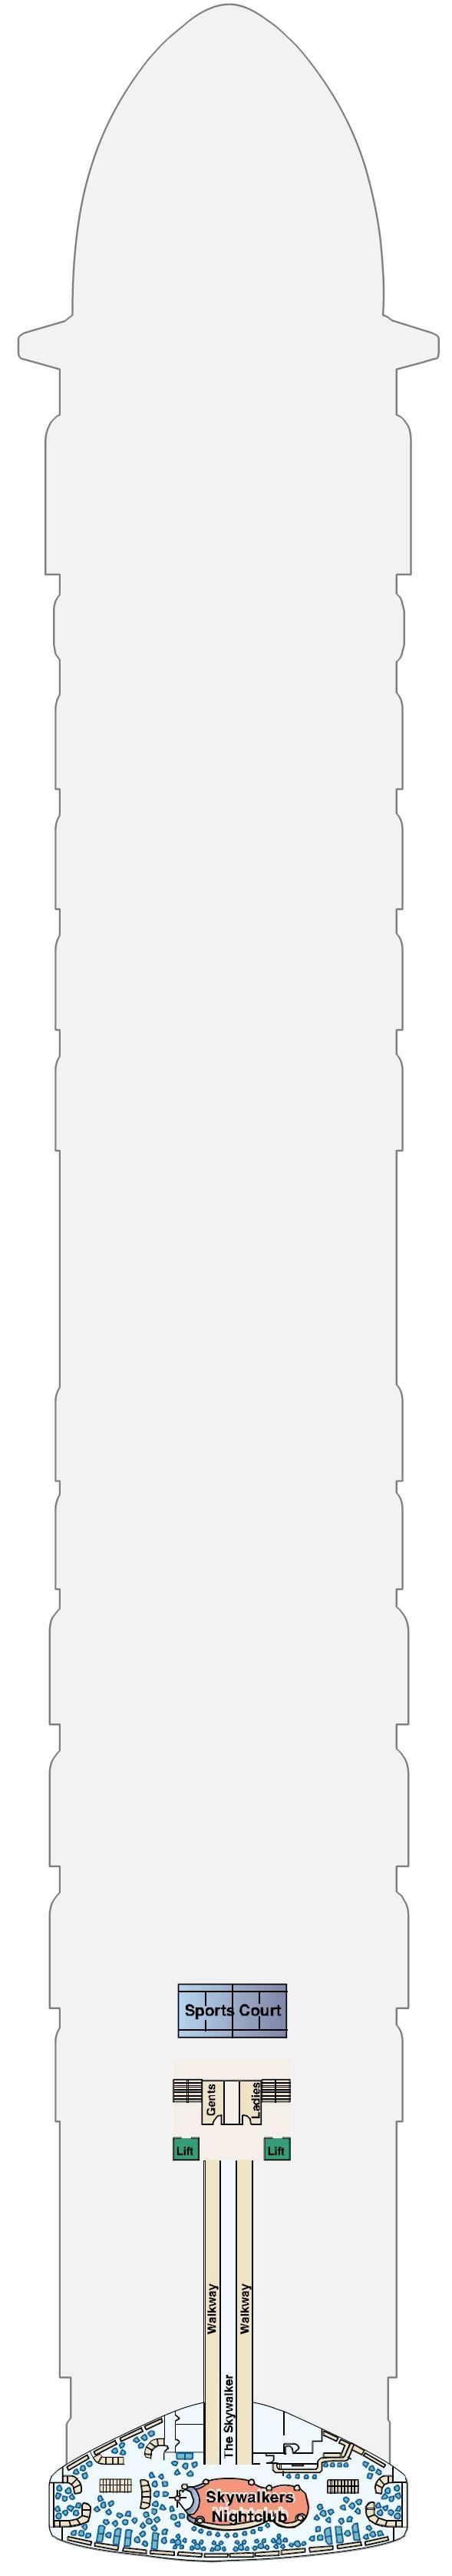 Deck Plan Image